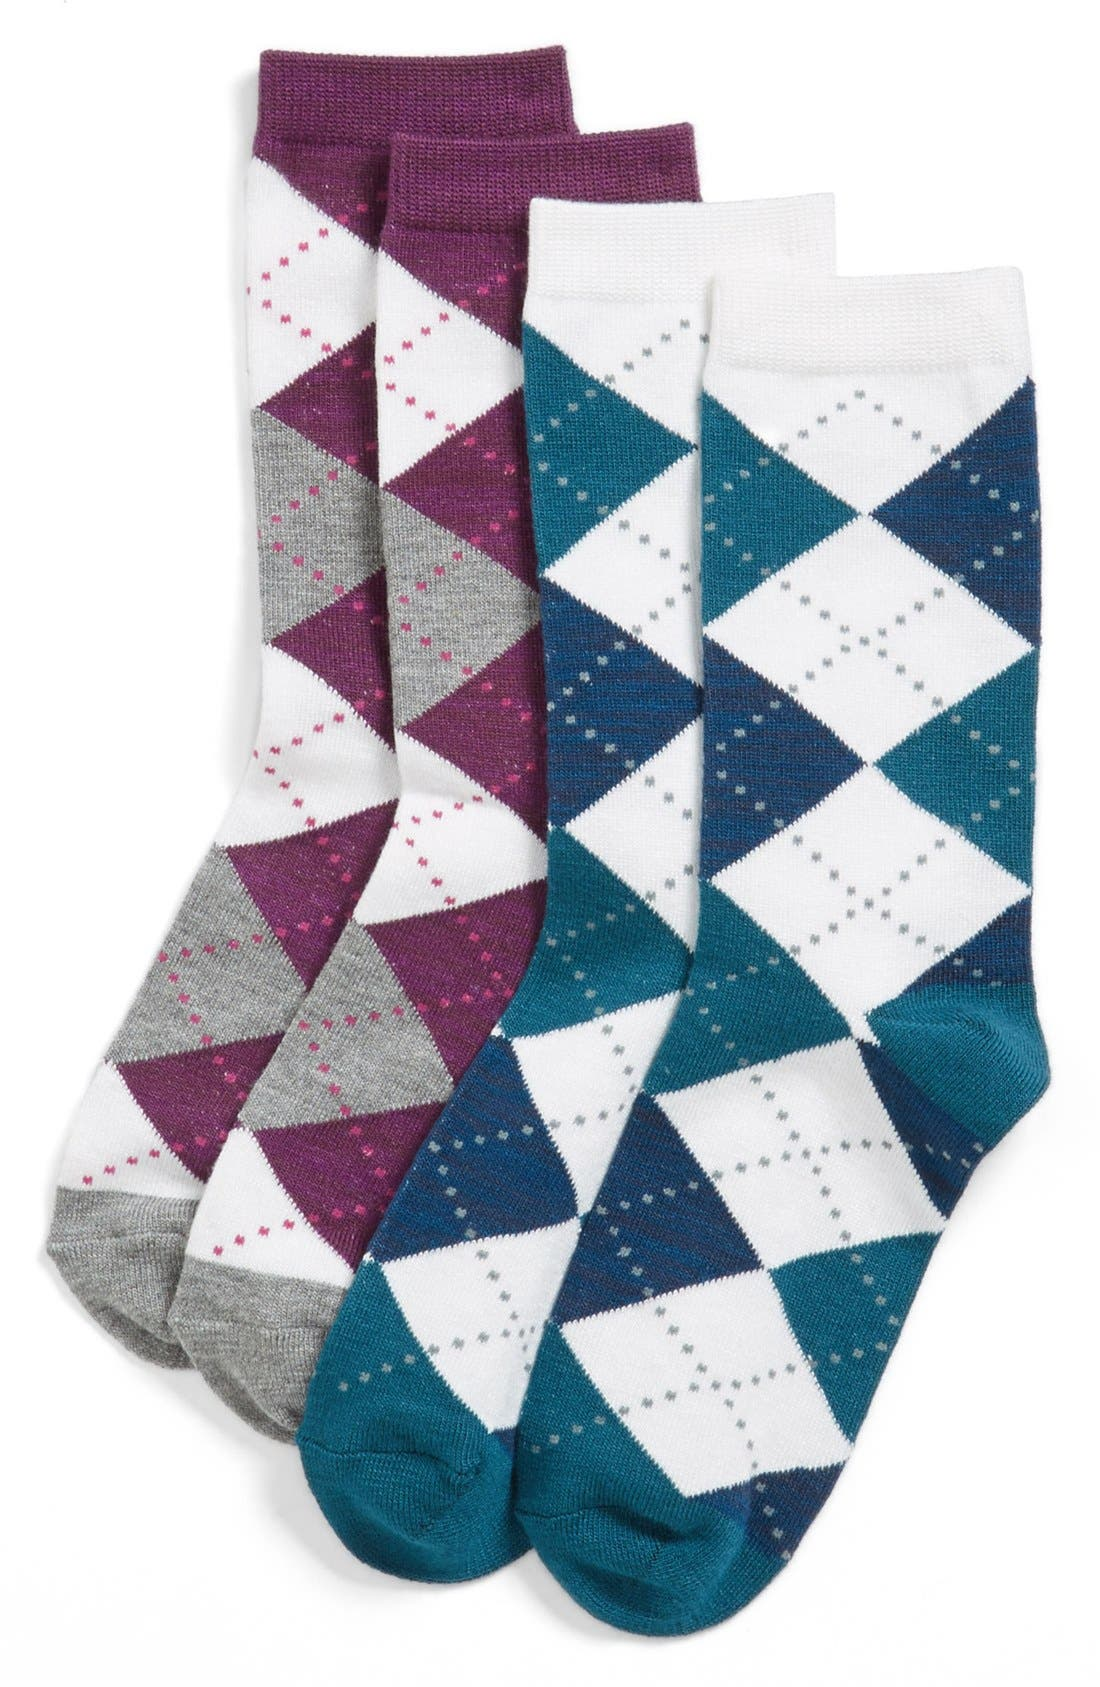 Alternate Image 2  - Nordstrom 'Soft Touch' Argyle Crew Socks (3 for $18)